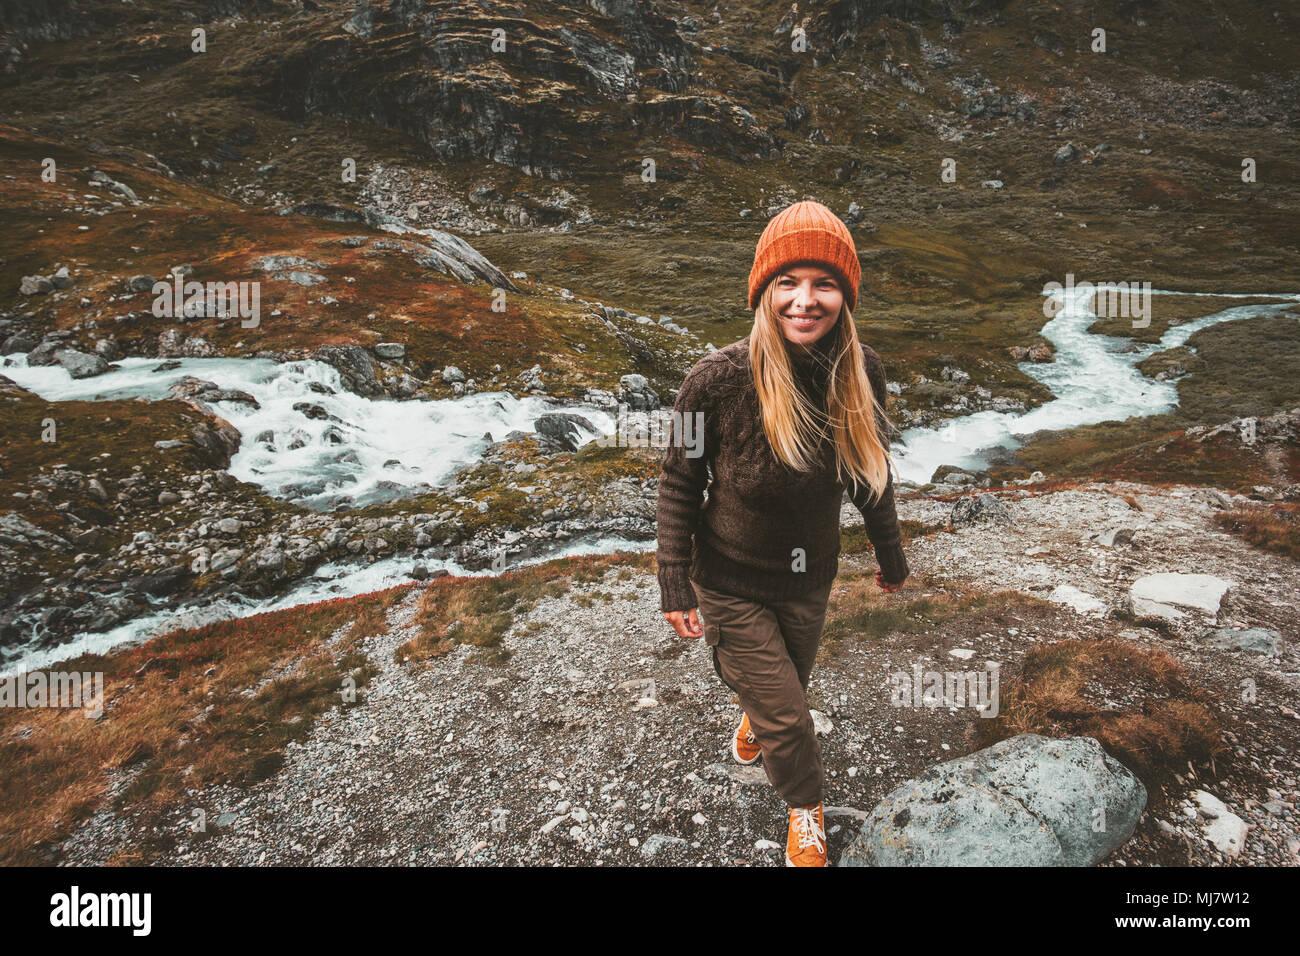 Feliz joven caminar solo en las montañas escandinavas aventura en concepto de estilo de vida de vacaciones activas en Noruega Imagen De Stock